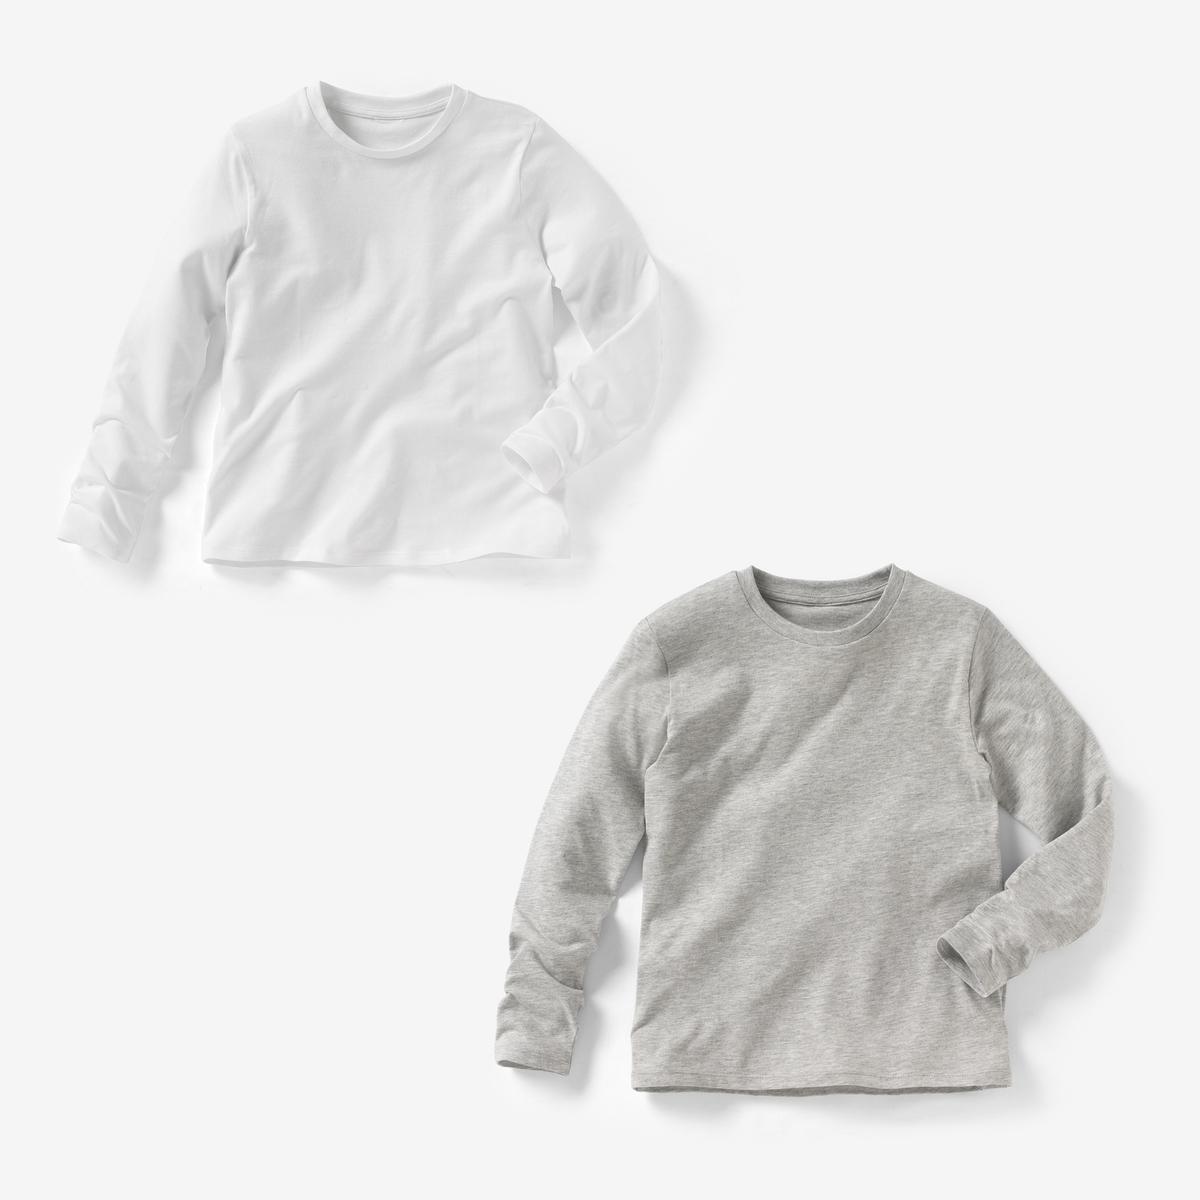 2 футболки однотонные, 3-12 лет t shirt bas bleu футболки однотонные